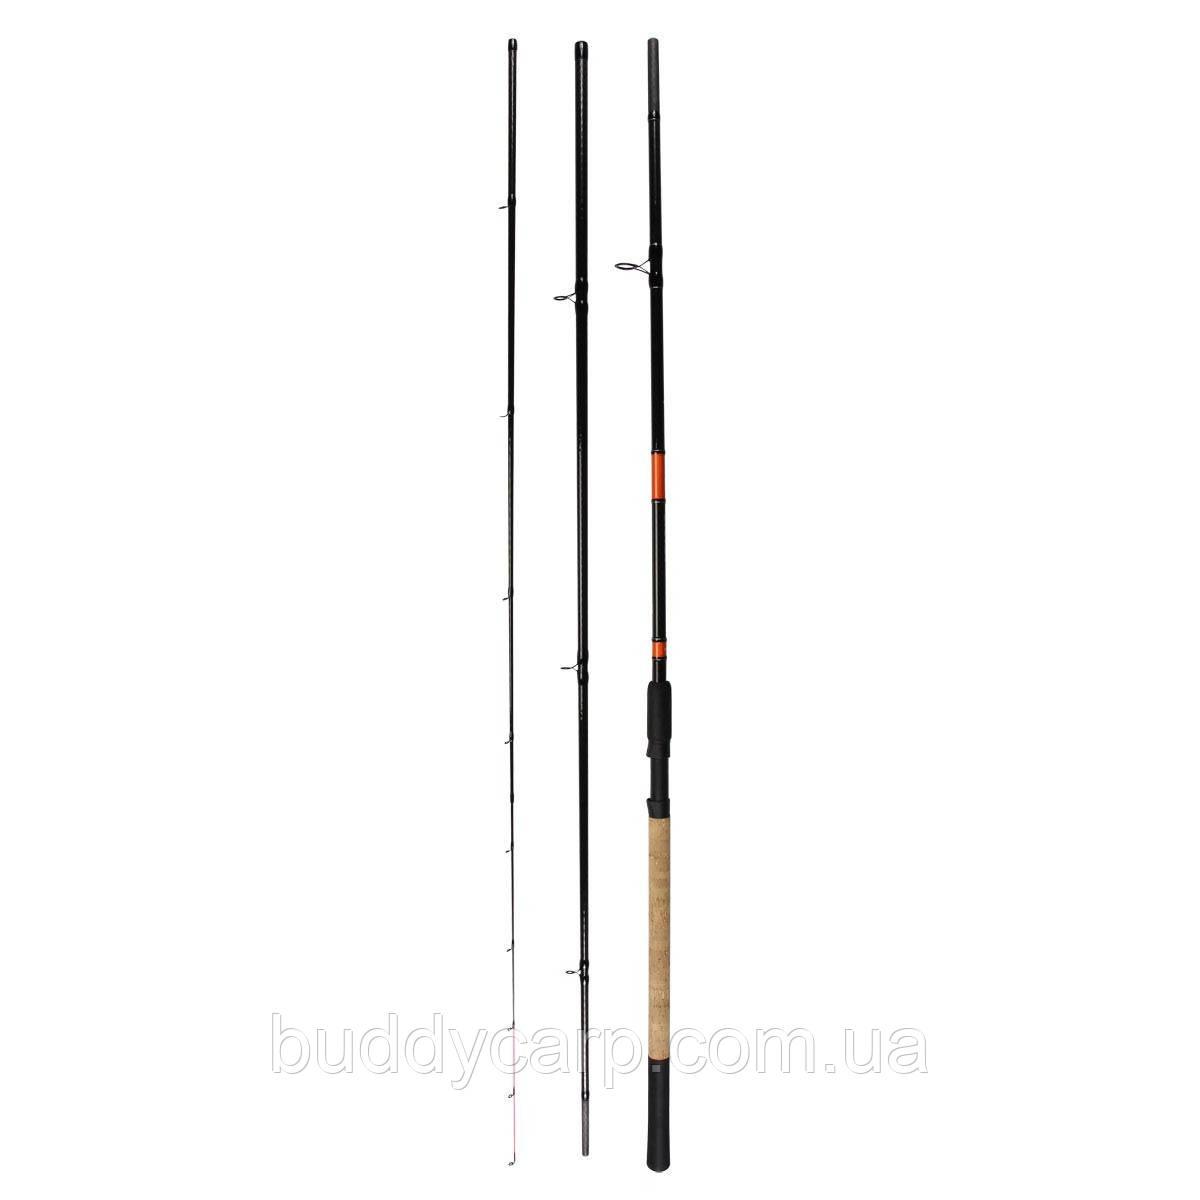 Фидерное удилище 3.9 м тест до 150 гр GC Onnex River Feeder